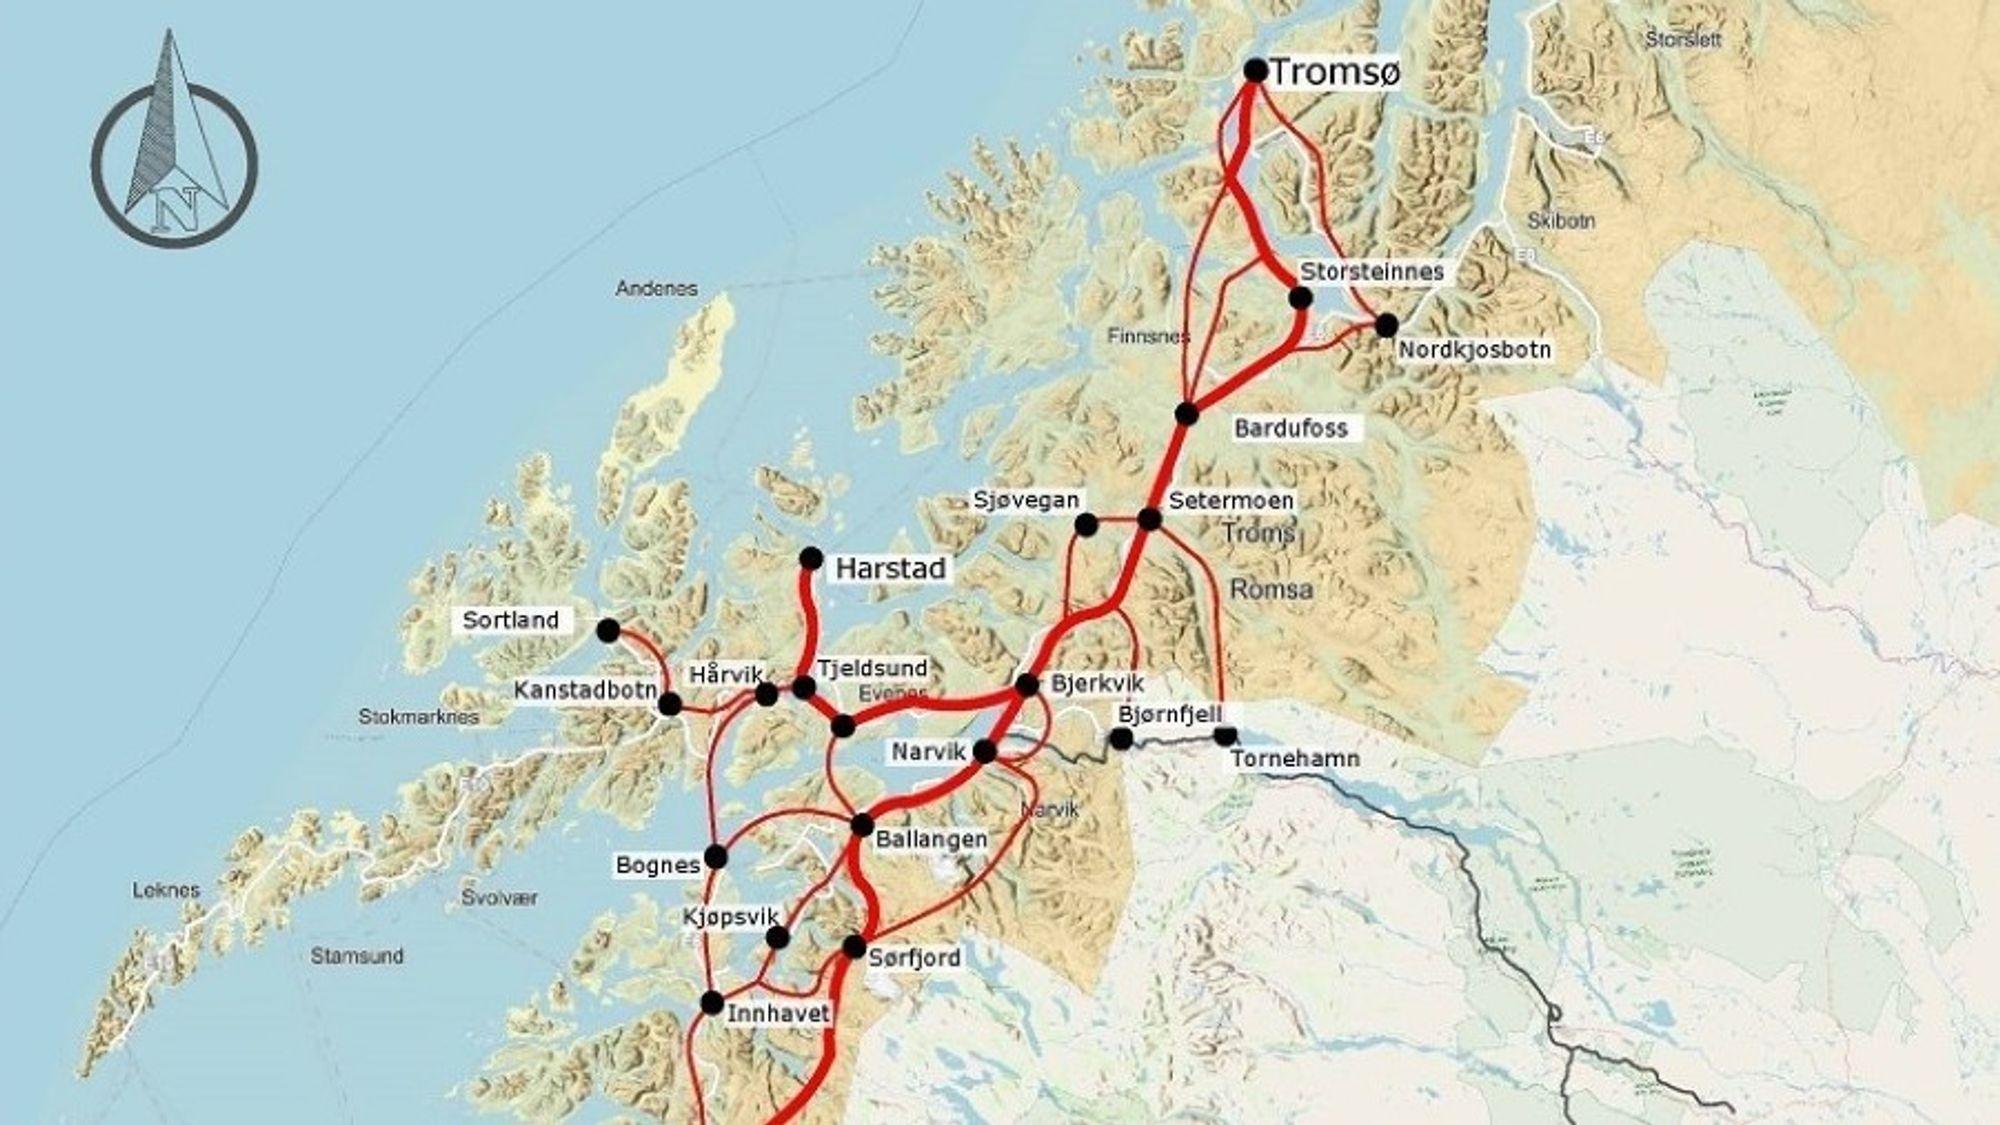 Nord-Norge-banen har vært utredet flere ganger tidligere. Kartet viser hovedtraseen fra utredningen tidlig på 1990-tallet, med alternative traseer (de tynne rød strekene).